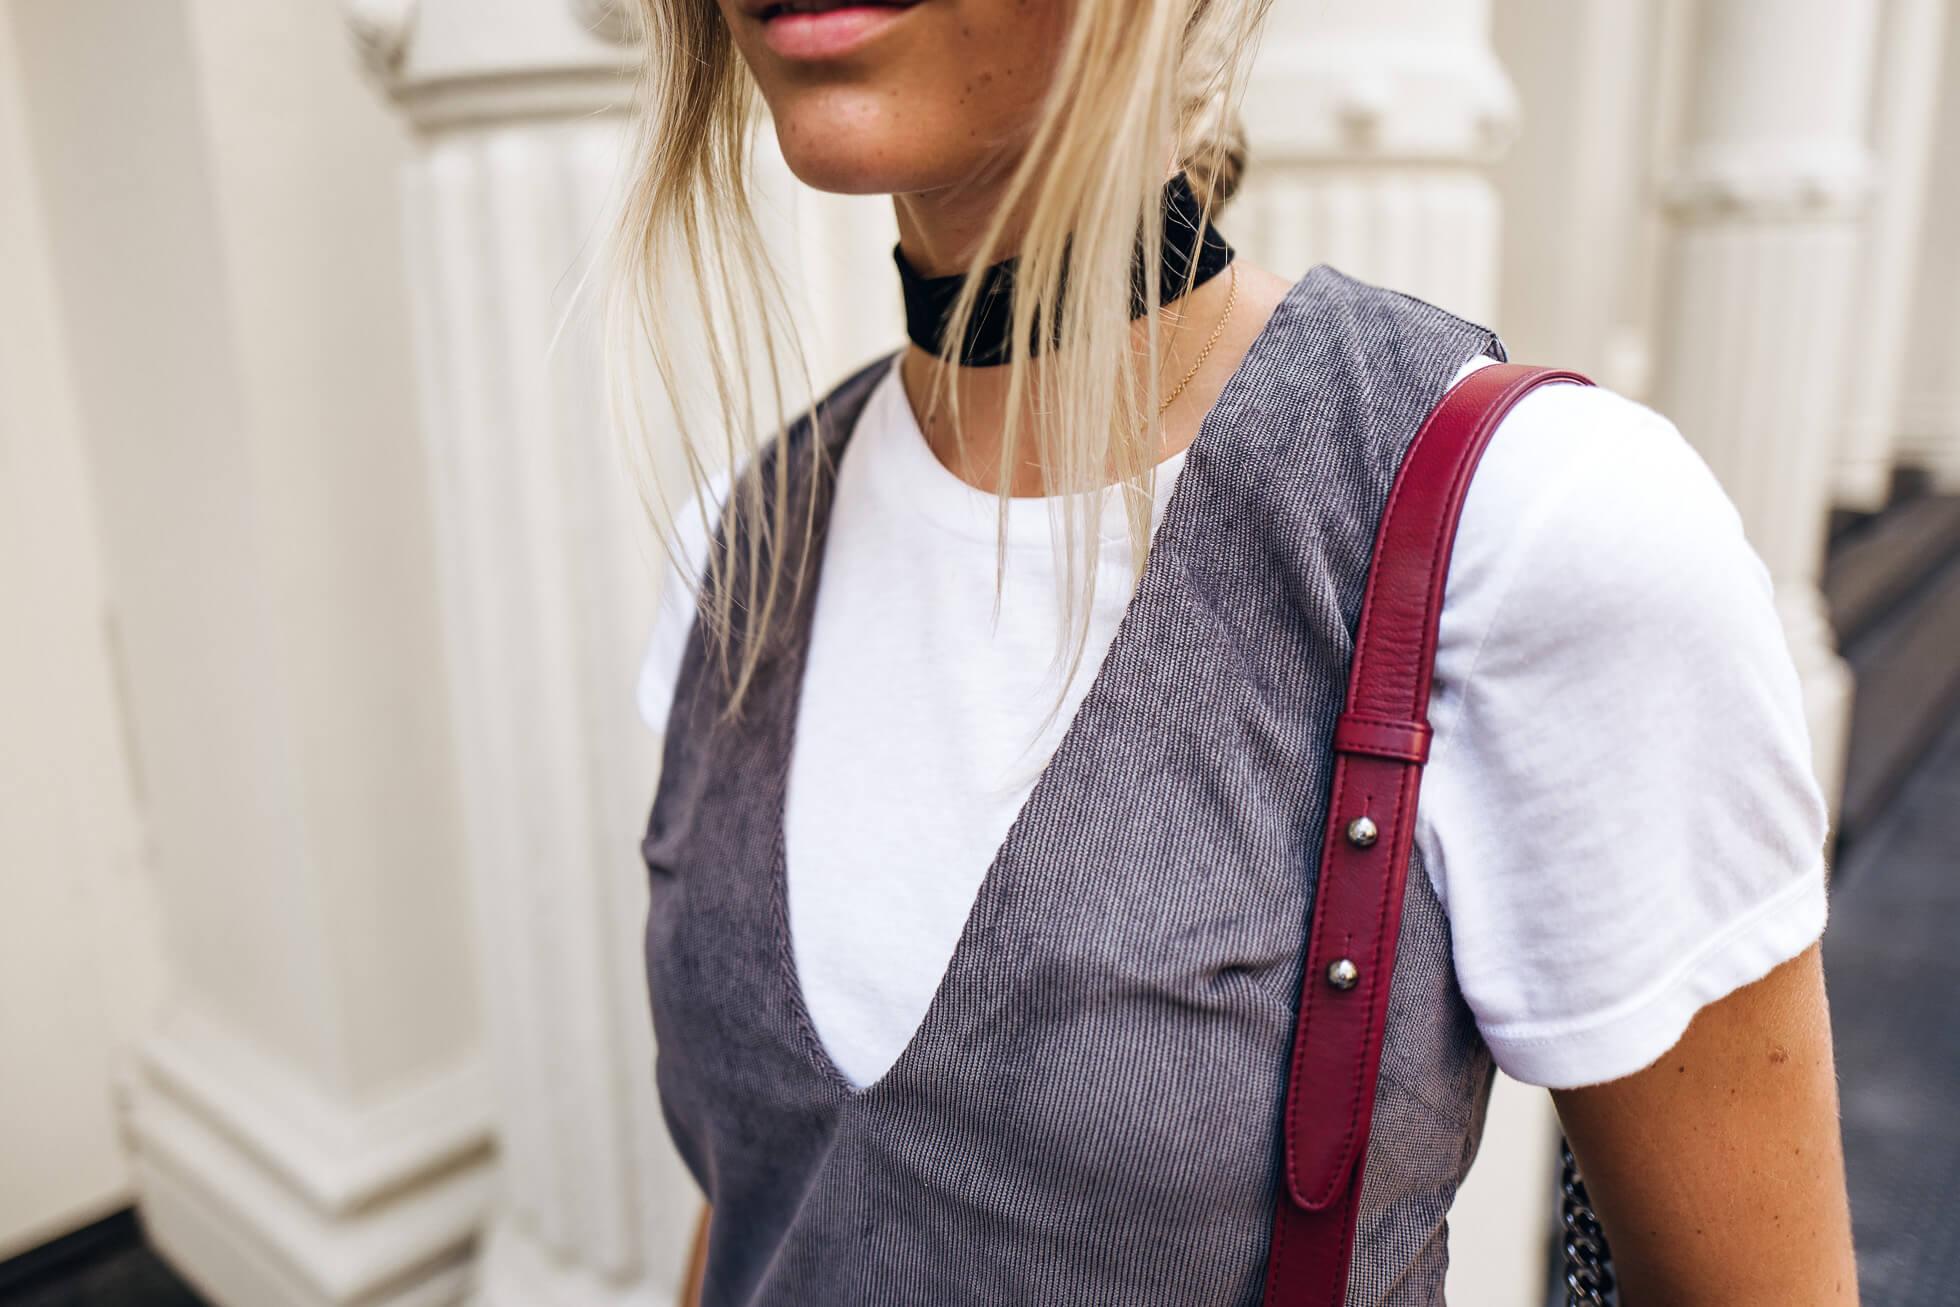 janni-deler-v-neck-dressL1070220-Redigera